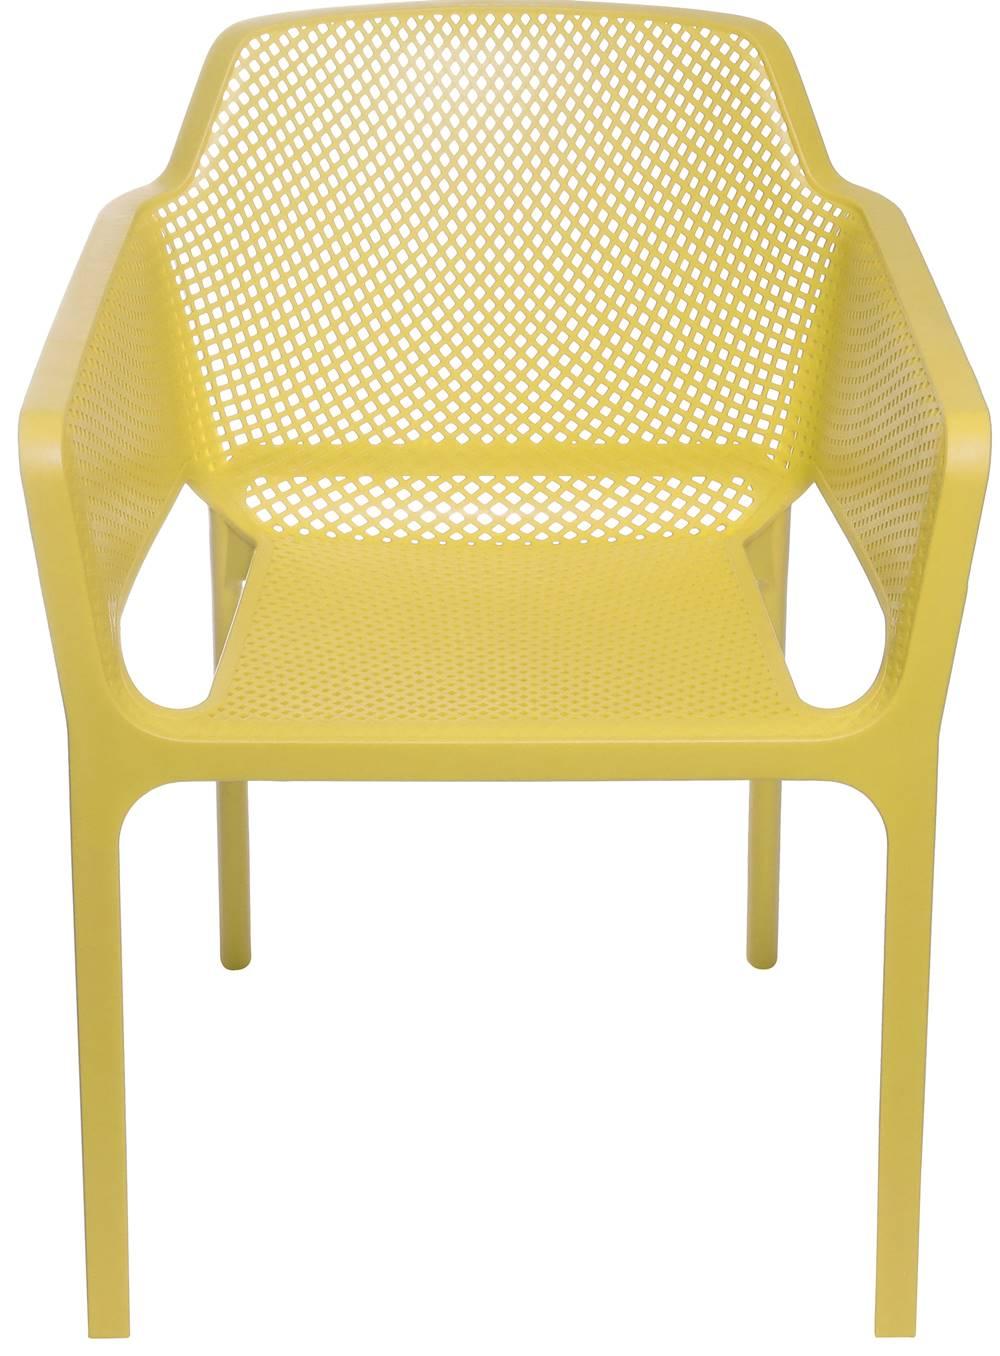 Cadeira Net Nard Empilhavel Polipropileno com Braco cor Amarelo - 53568